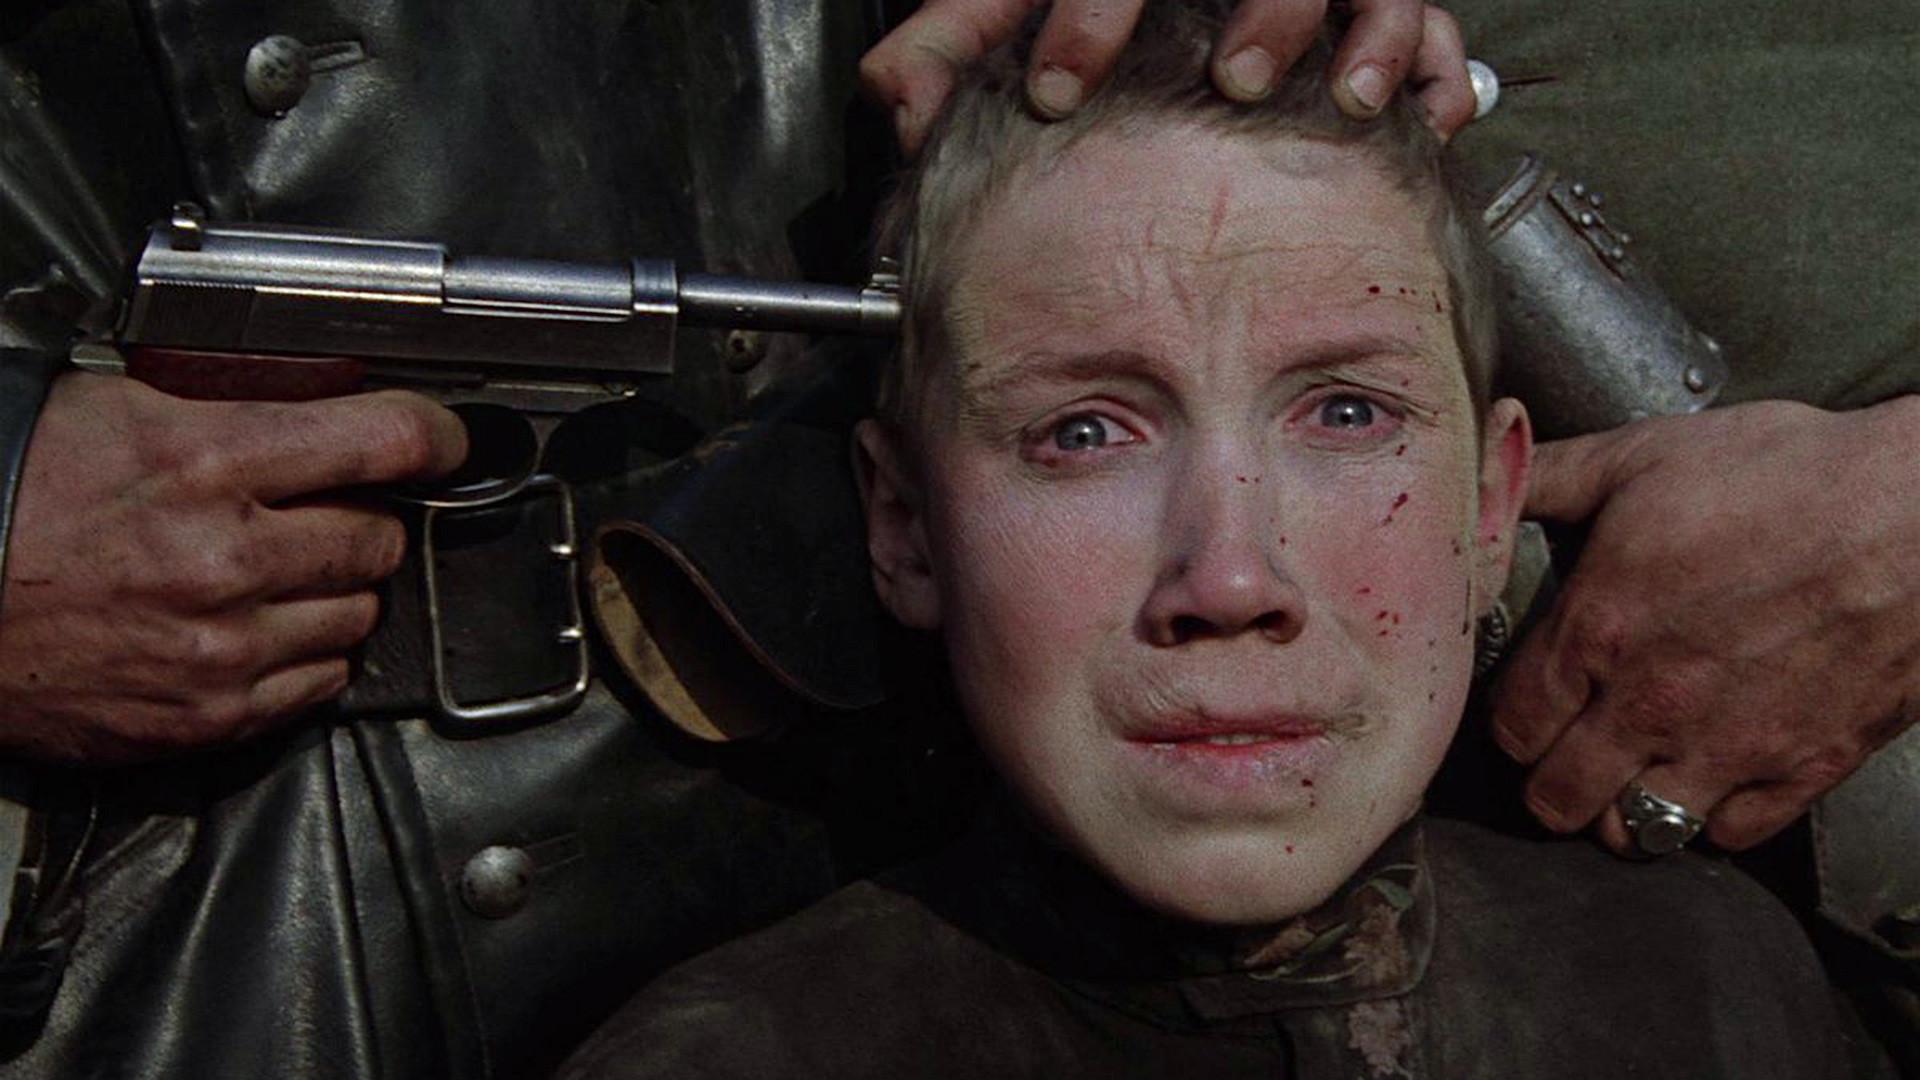 بیا و بنگر۱۹۸۵؛ شاهکار سینمای ضد جنگ شوروی